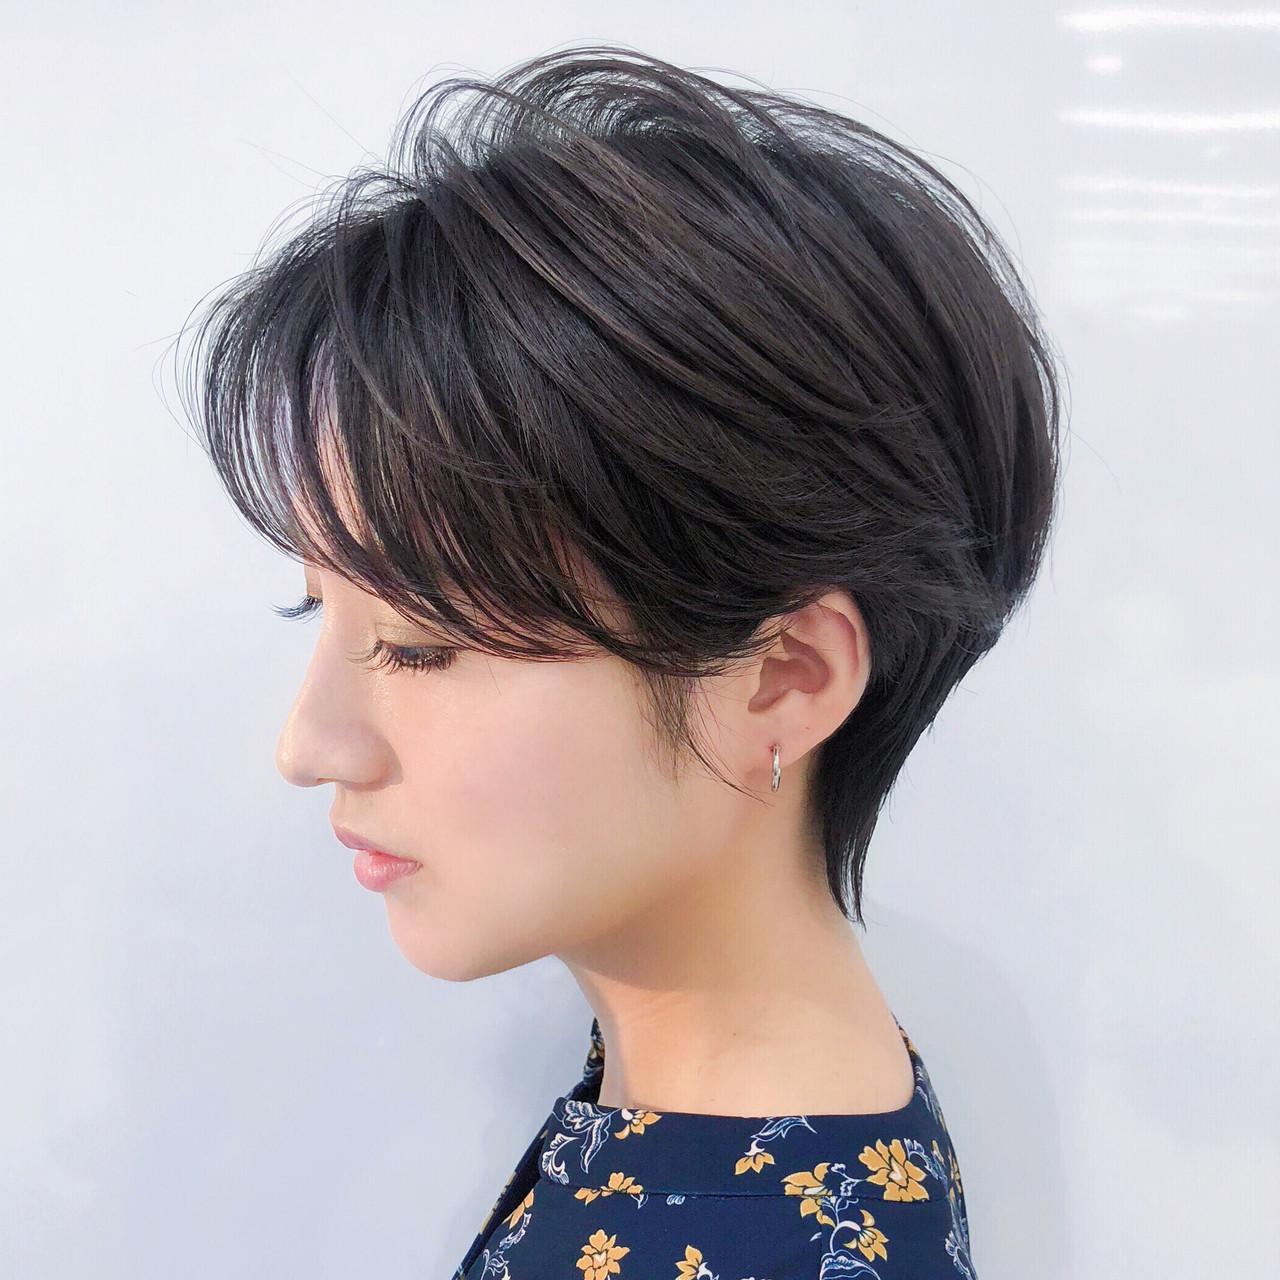 大人に似合うヘアスタイルって?レングス別♡春の最旬ヘアカタログ